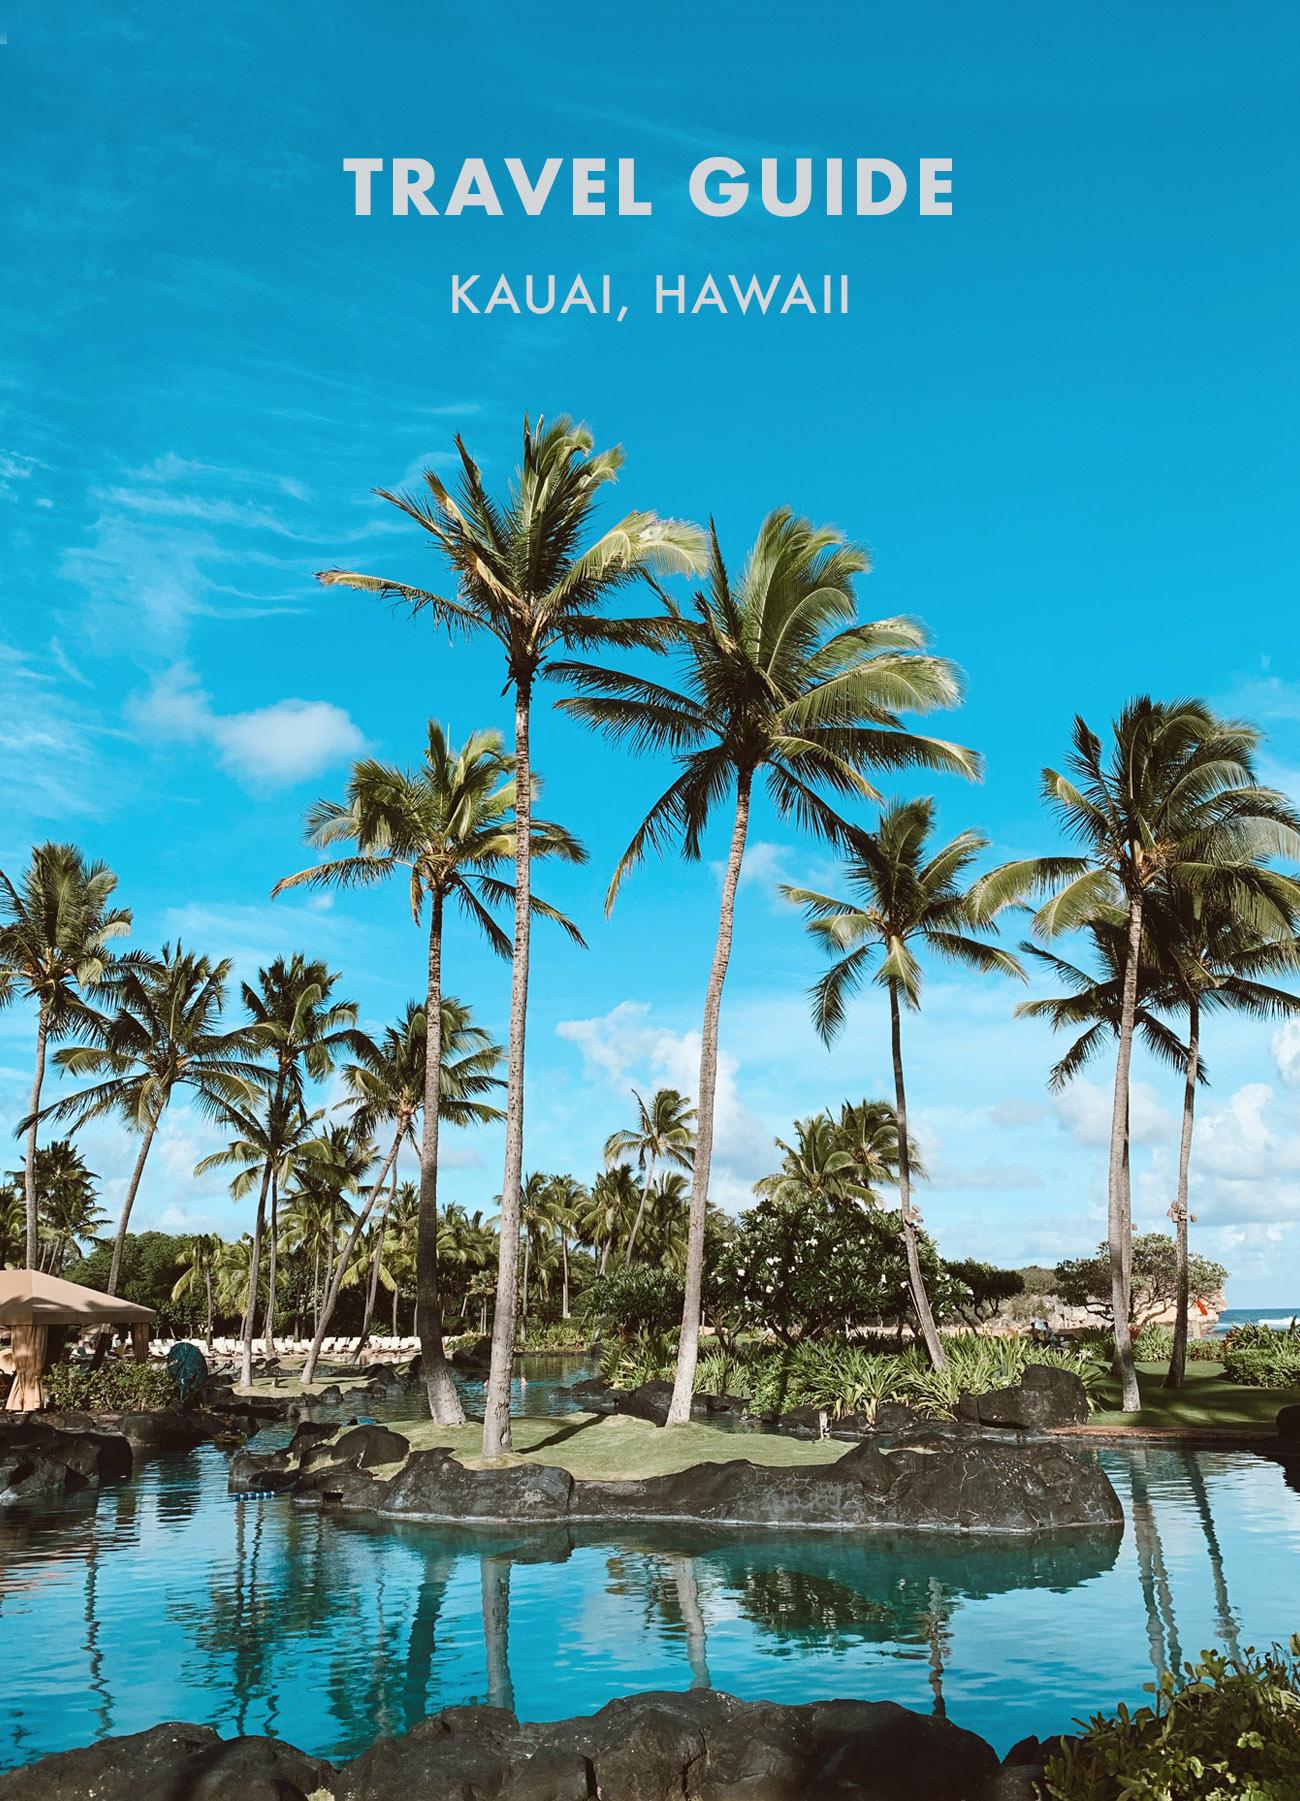 Kauai Hawaii Travel Guide - Where to Stay